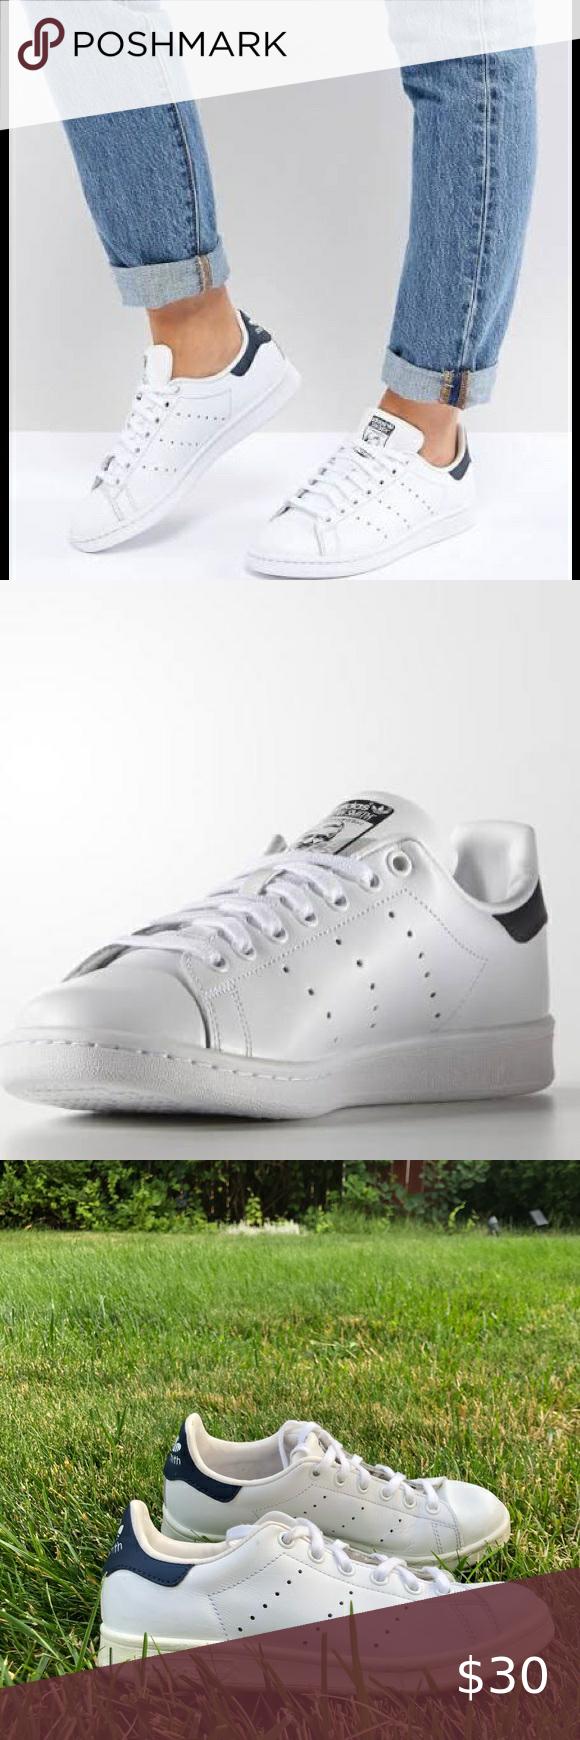 Adidas Stan Smith Ortholite sneakes size 4.5   Adidas stan smith ...